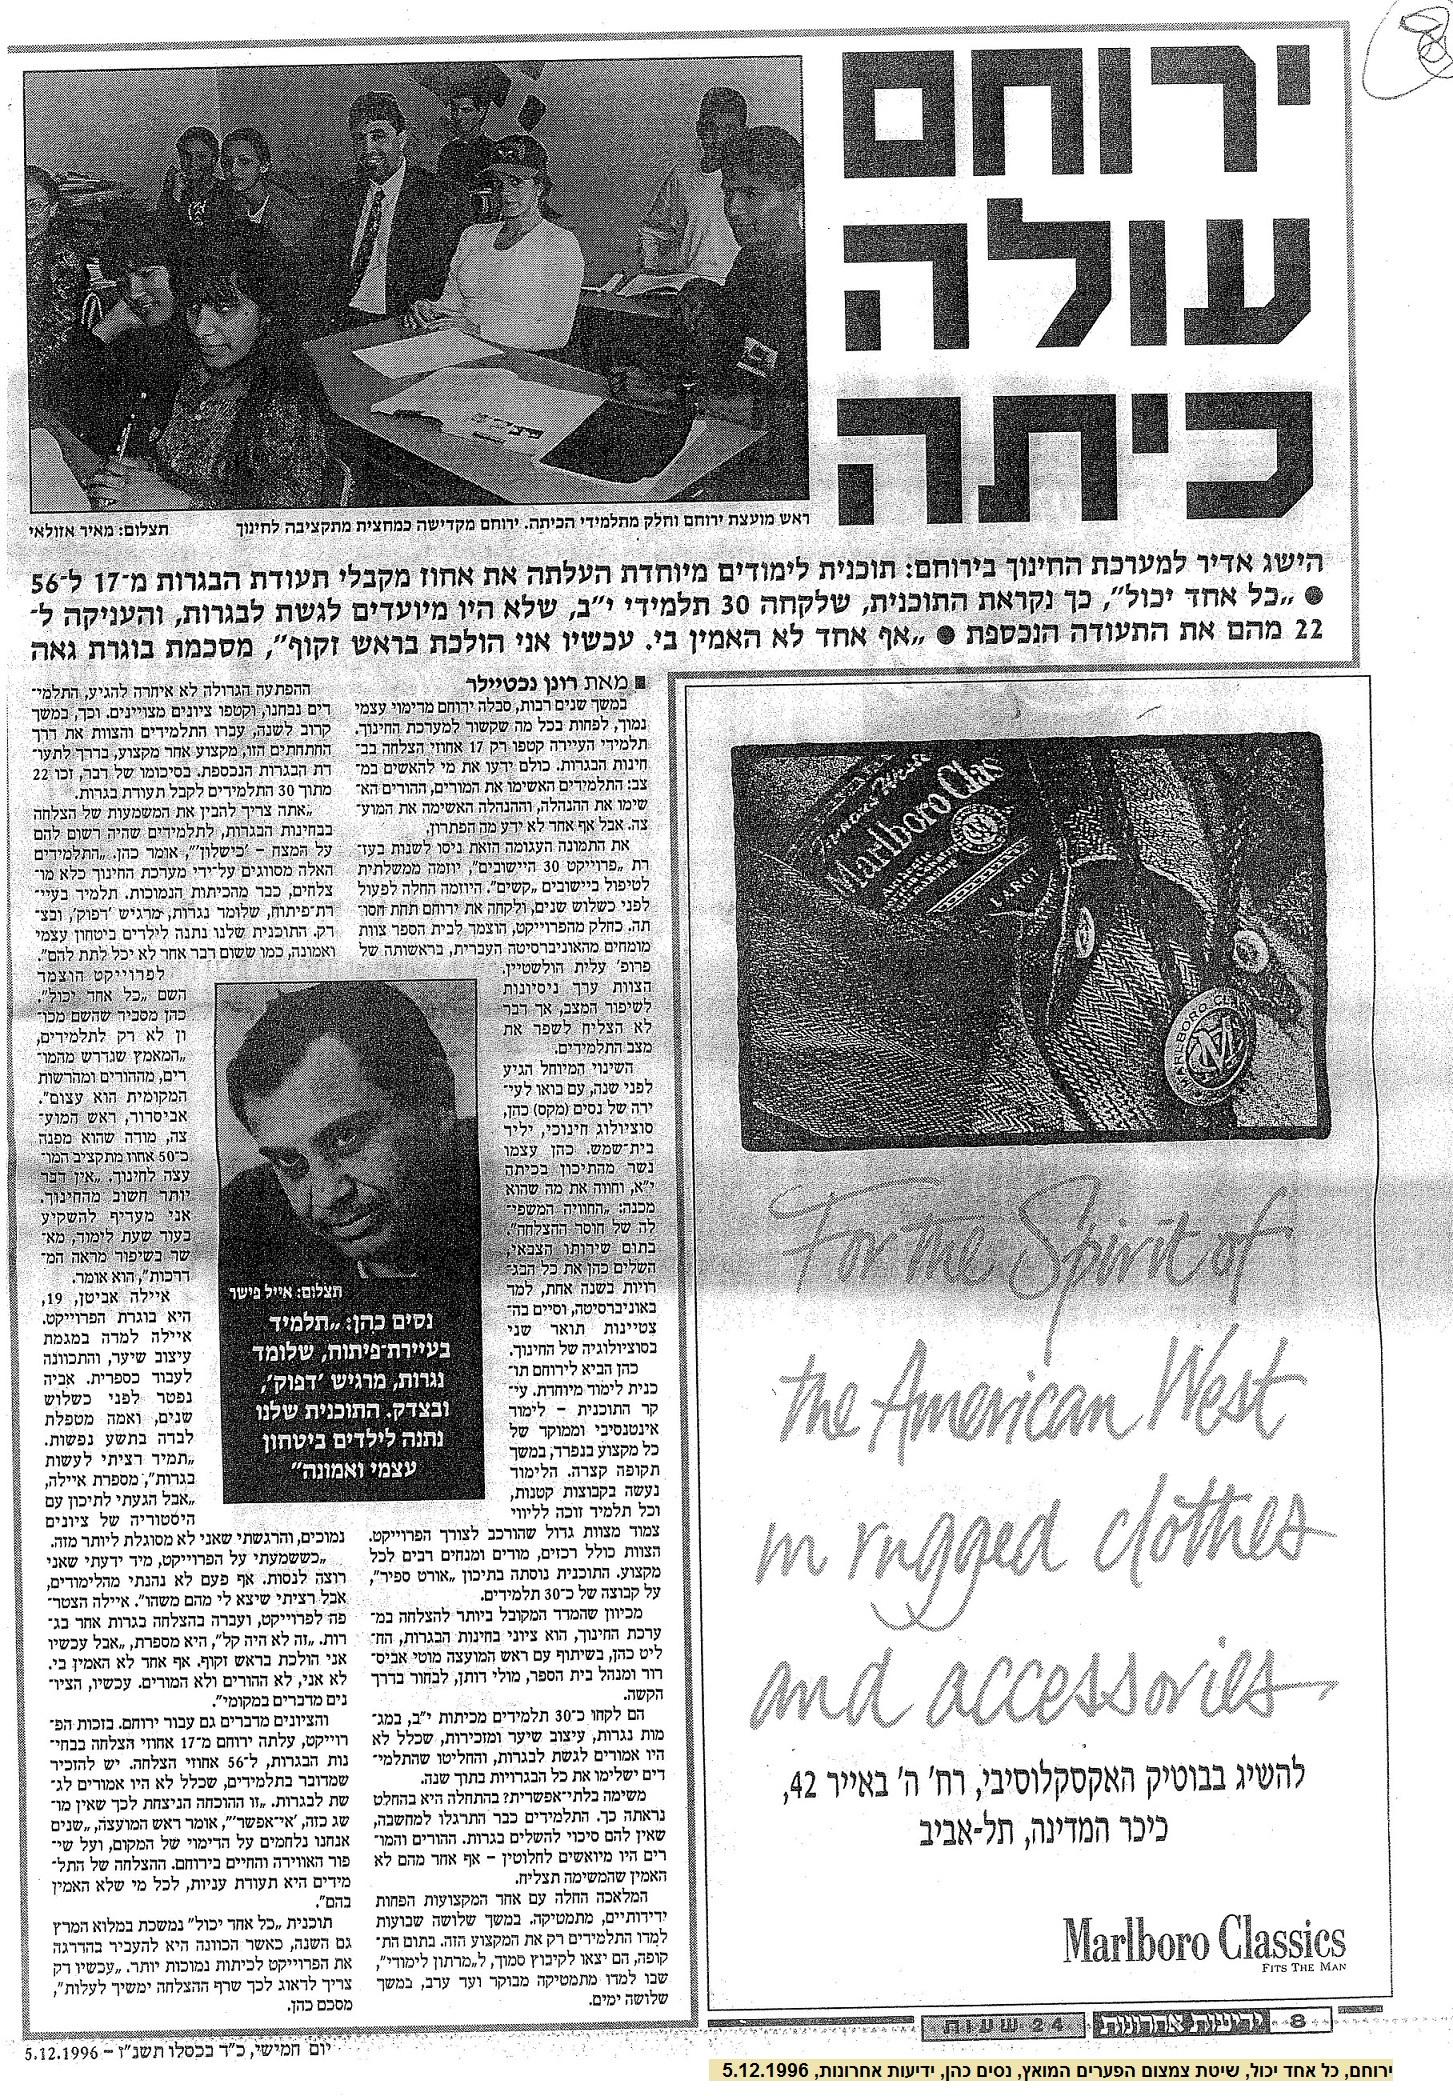 ירוחם עולה כיתה, כל אחד יכול, נסים כהן, ידיעות אחרונות, 5.12.1996